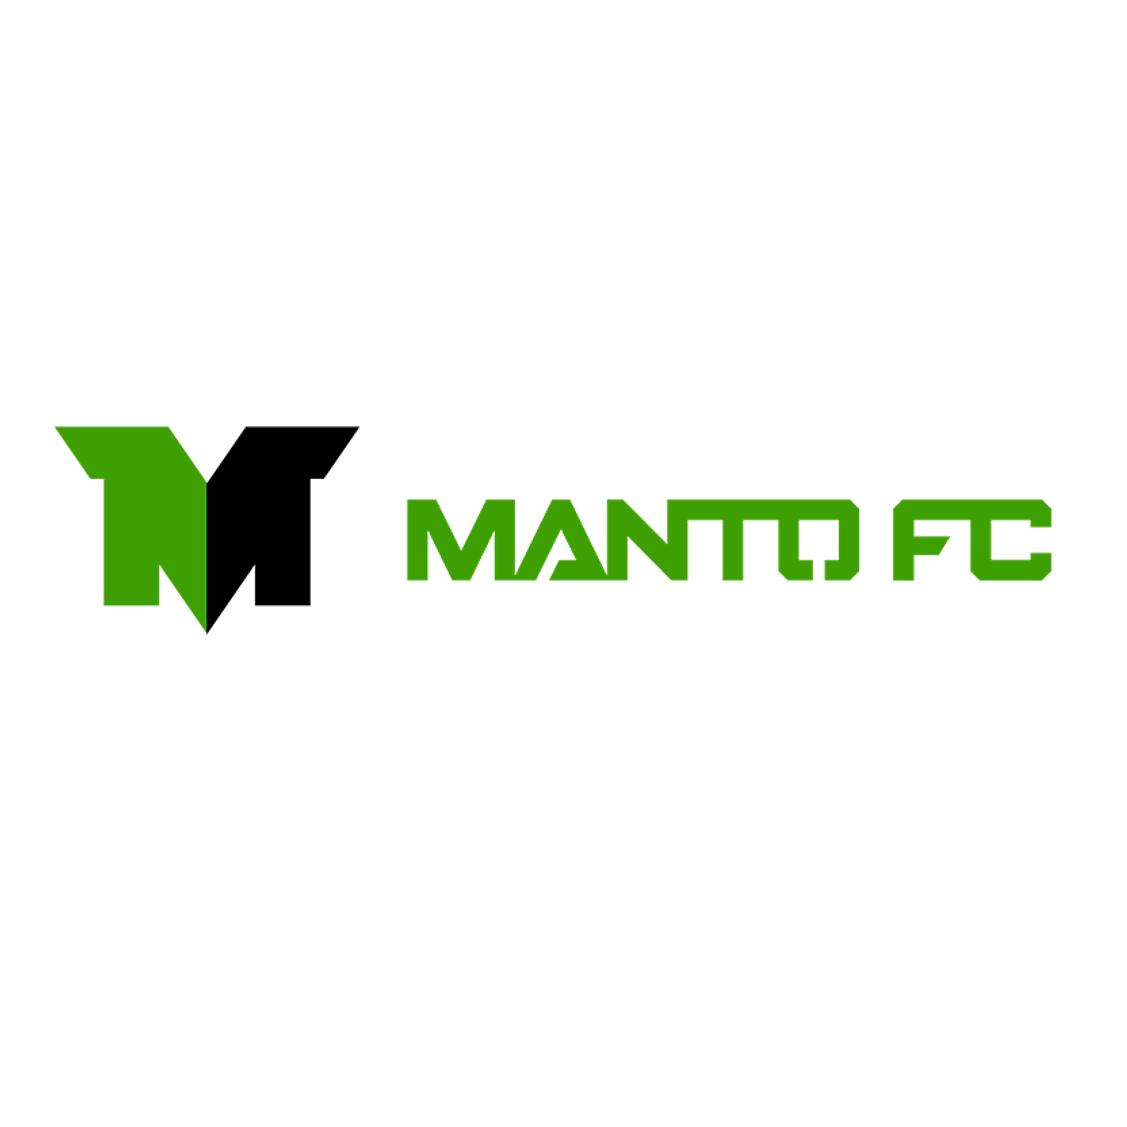 CAMISA CAMPEÃO IMPONENTE - TETRA COPA DO BRASIL